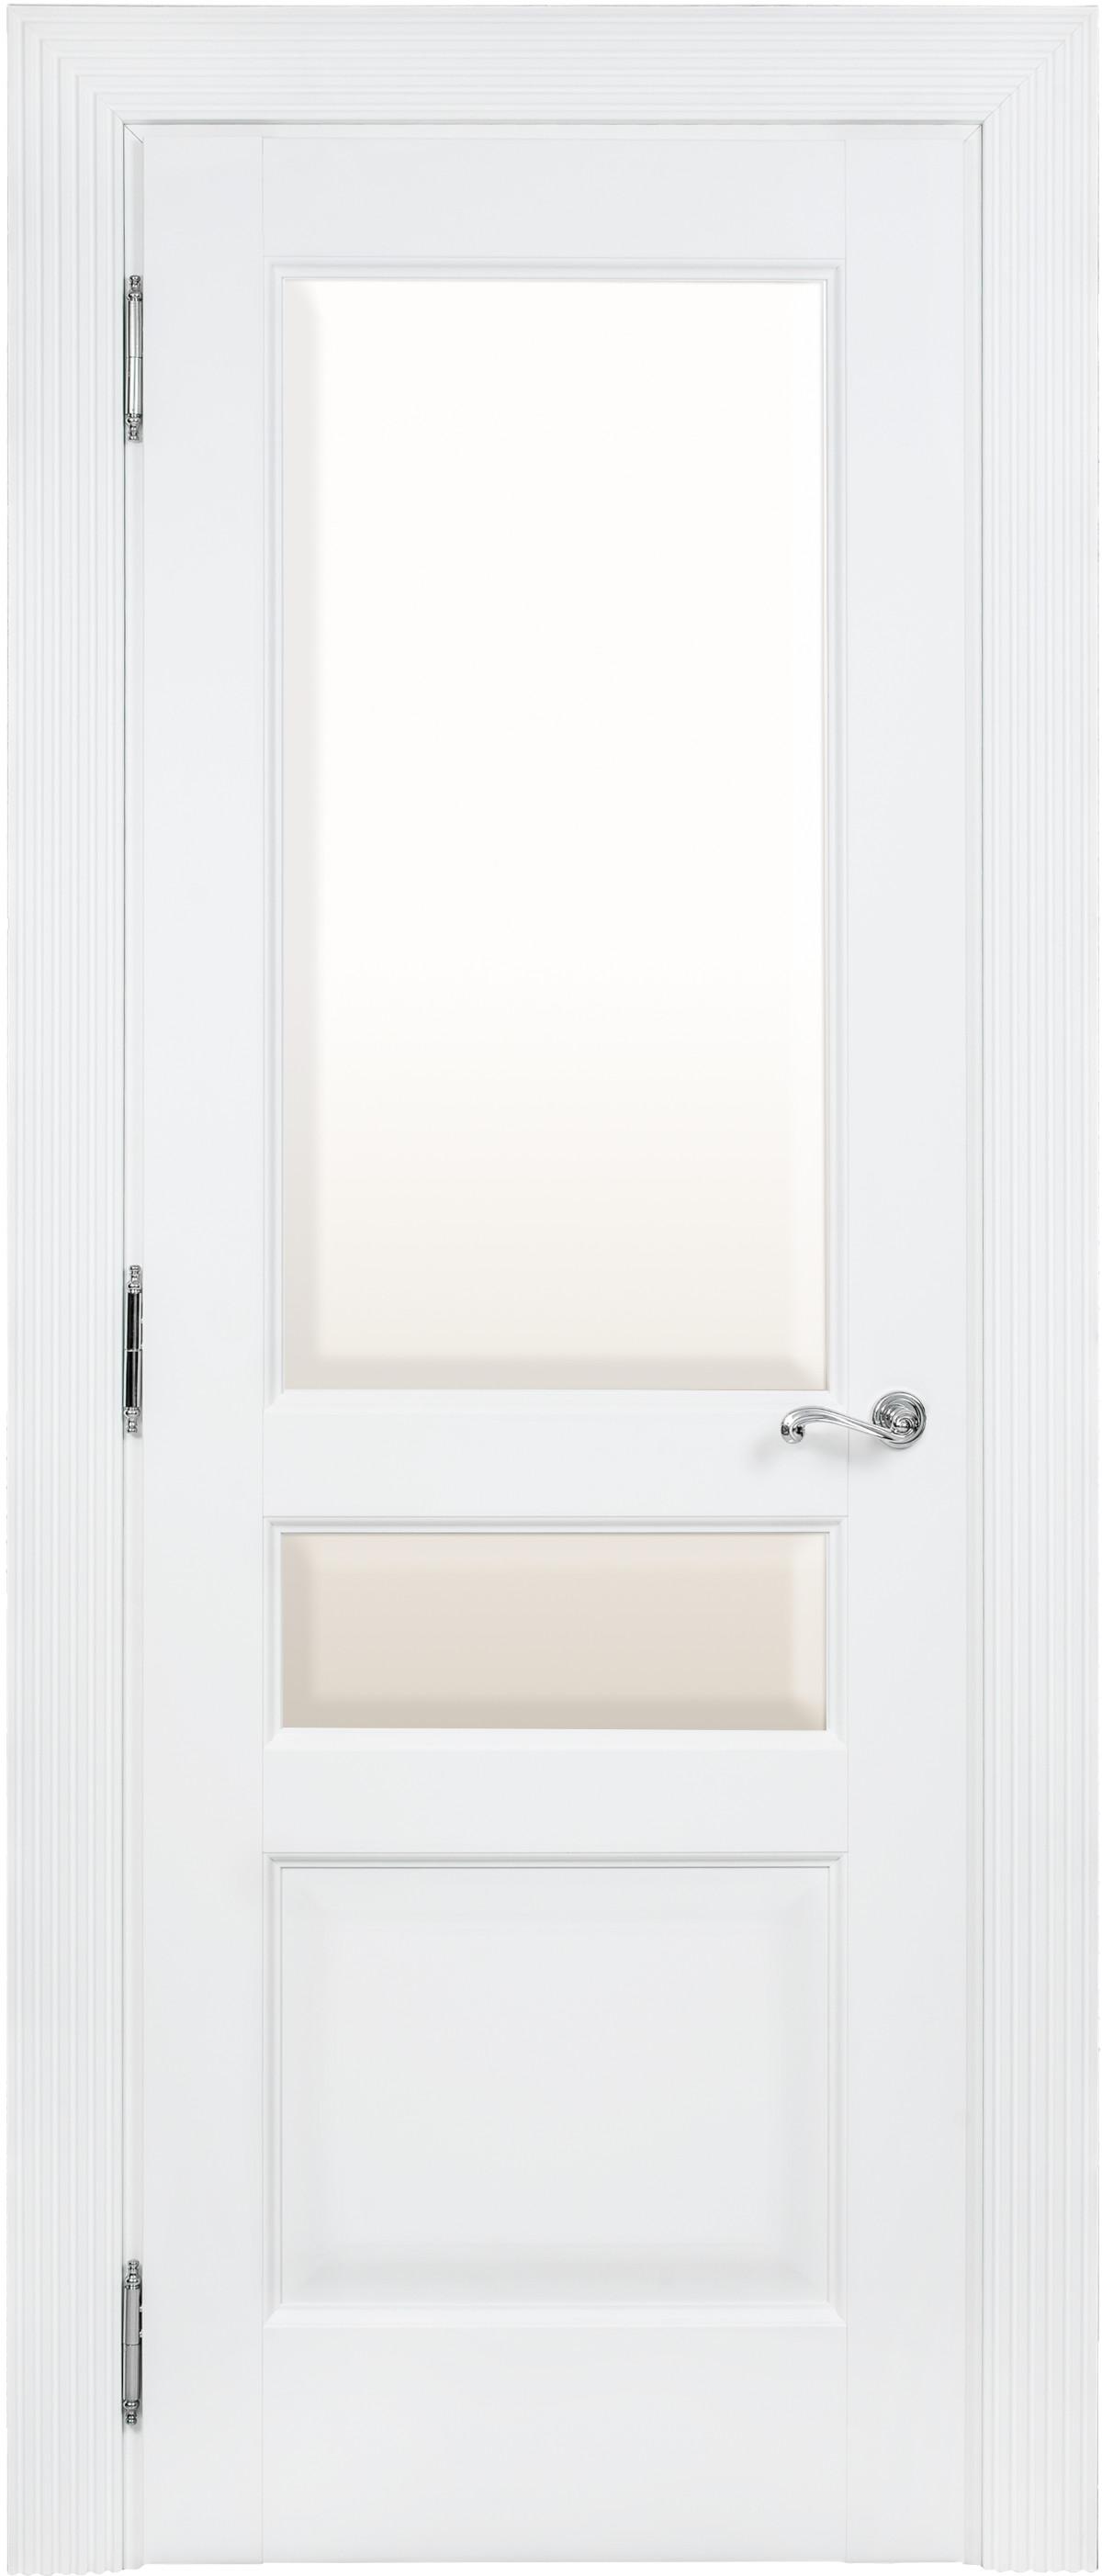 Белая межкомнатная дверь со стеклом Academia 2SFnP-2